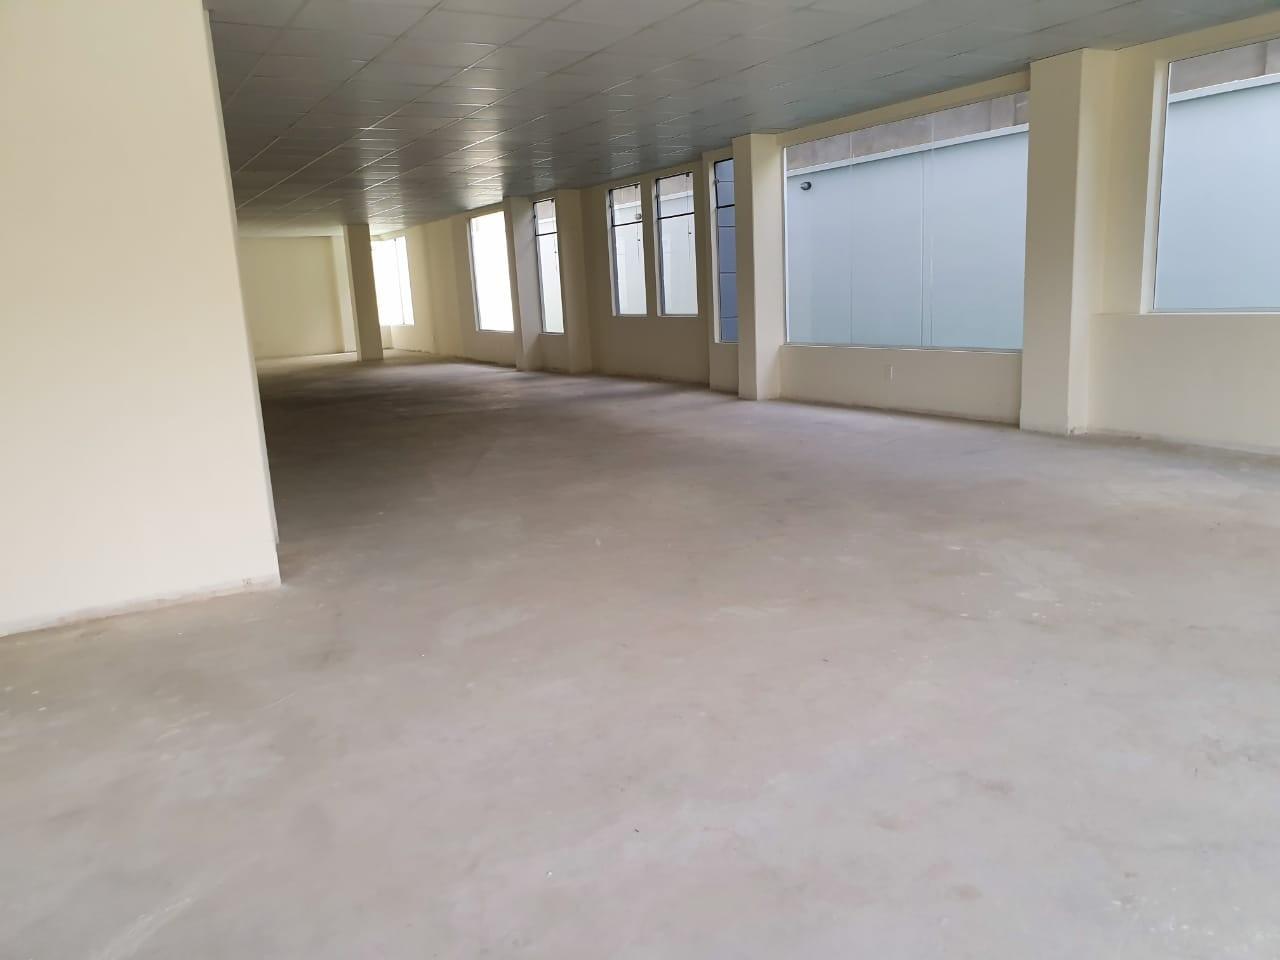 Oficina en Venta Av. Costanera, entre calles 25 y 26 Foto 6